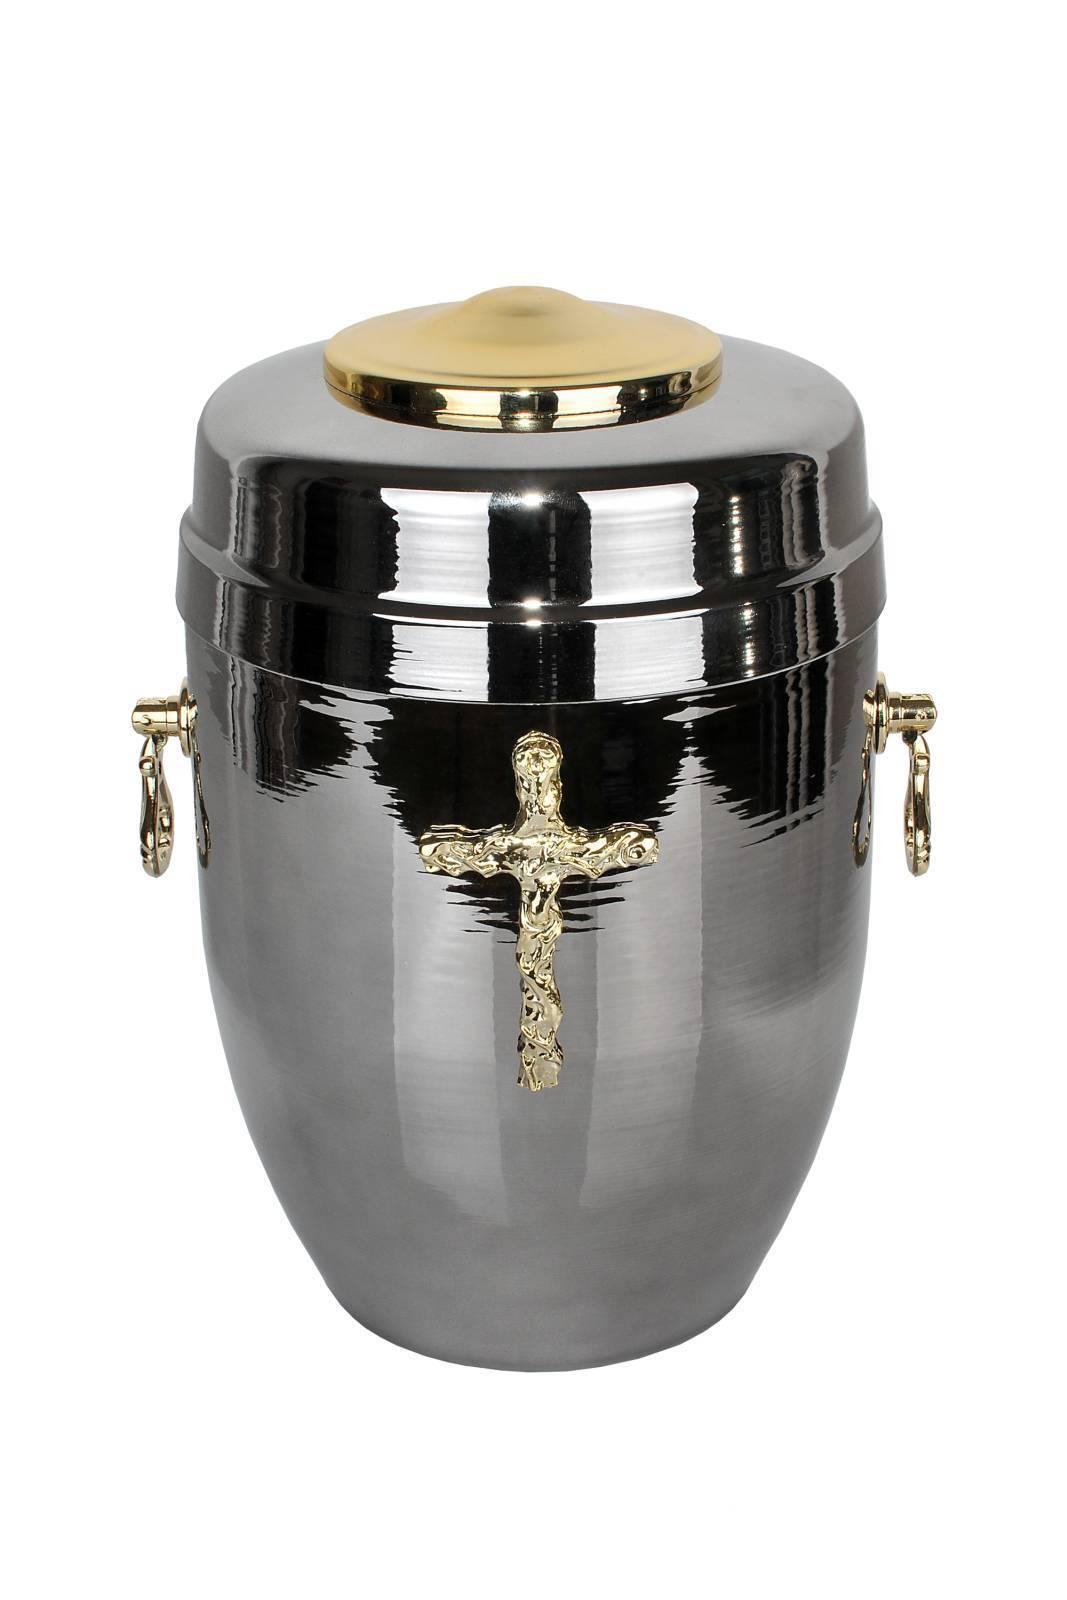 Magn argent Urne de crémation pour cendres avec or croix enterrement Souvenir